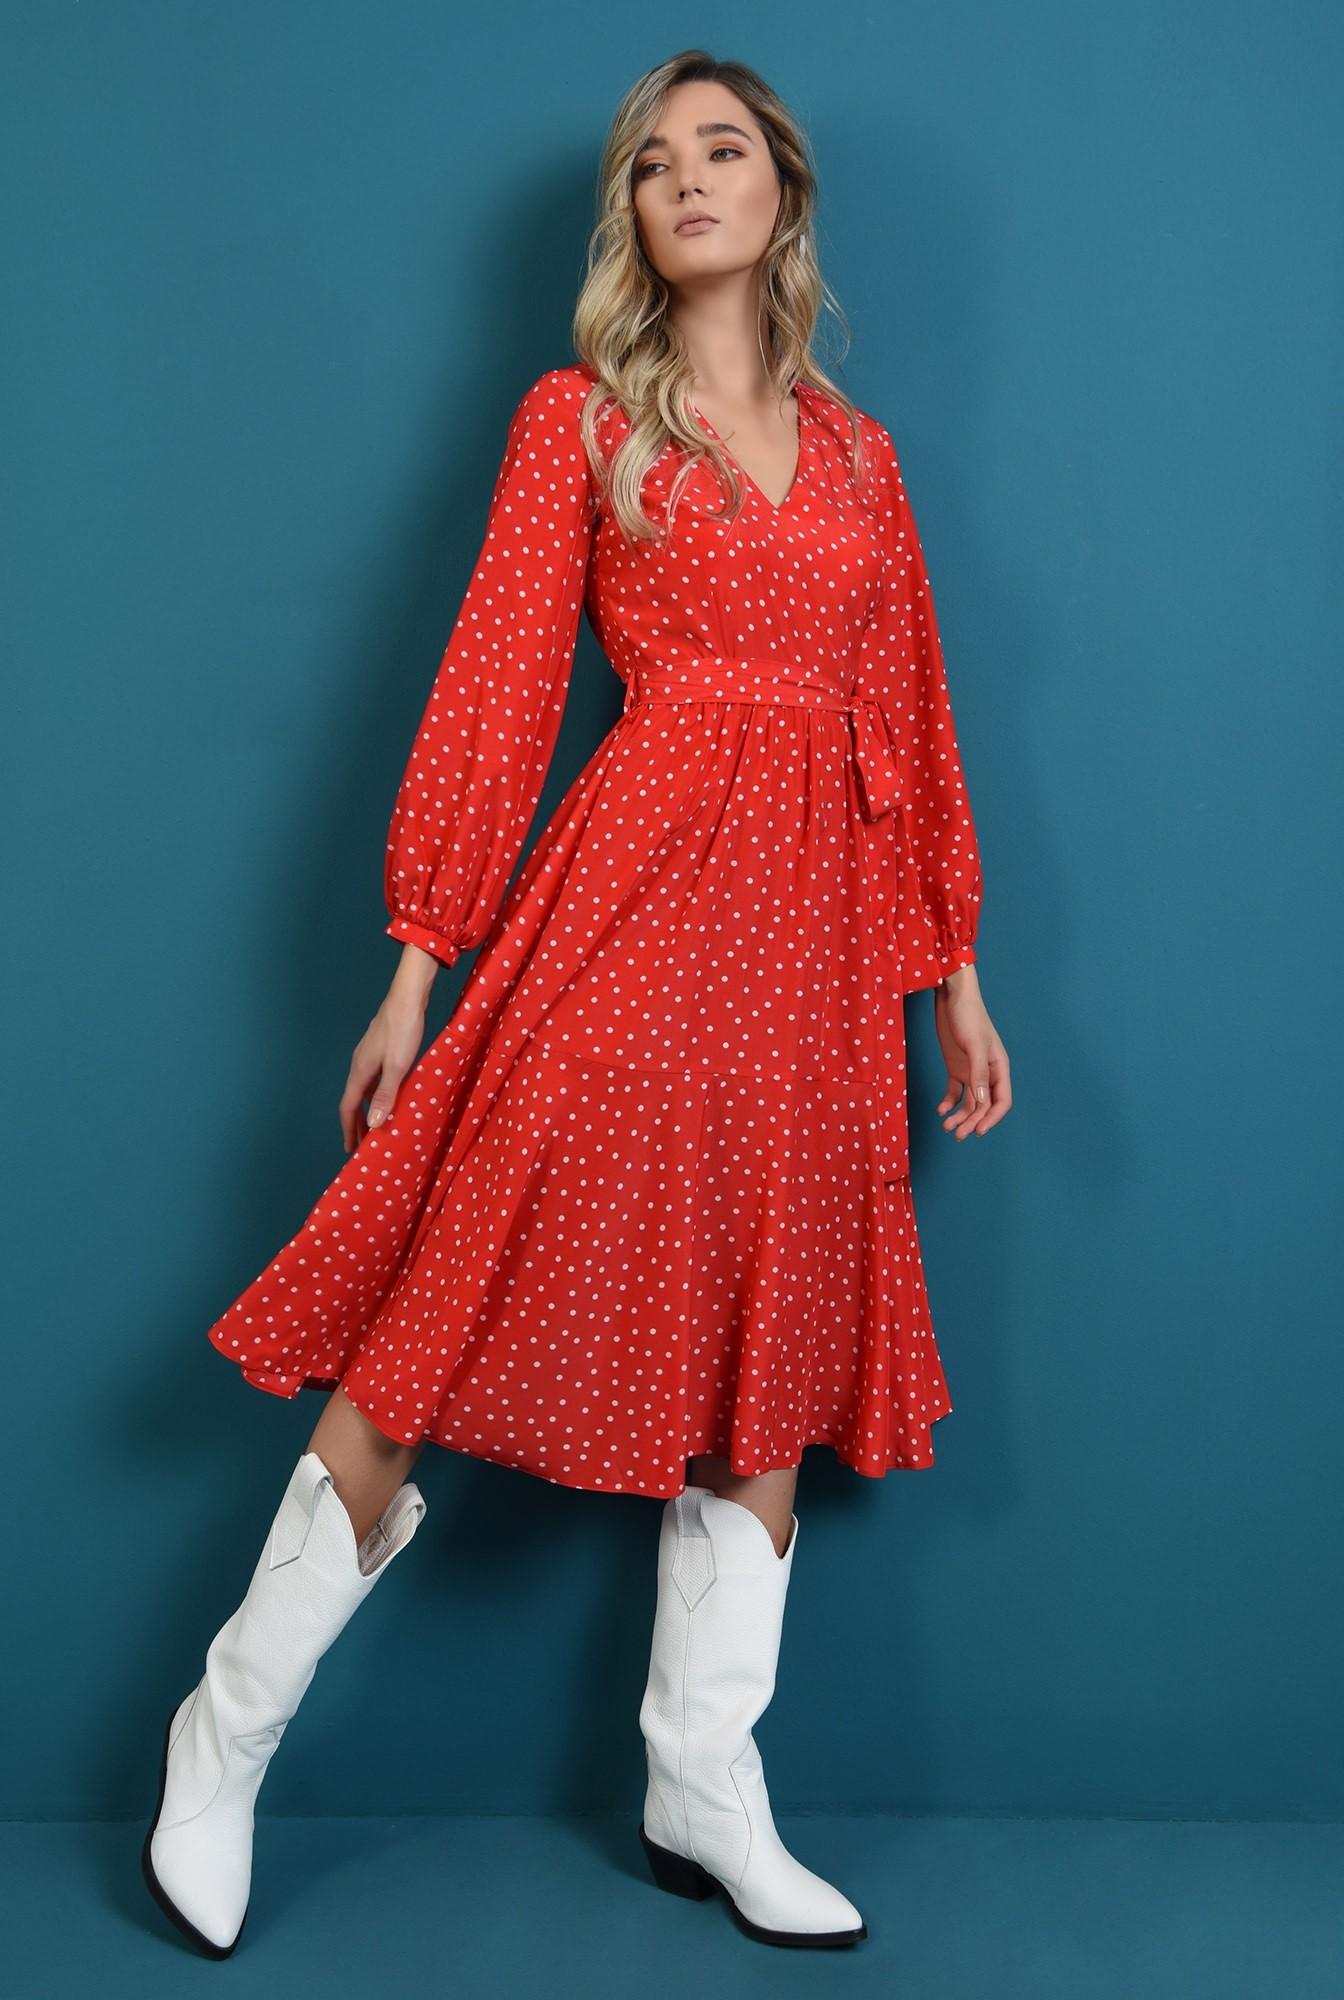 0 - rochie rosie, cu decolteu in V, cu maneca lunga